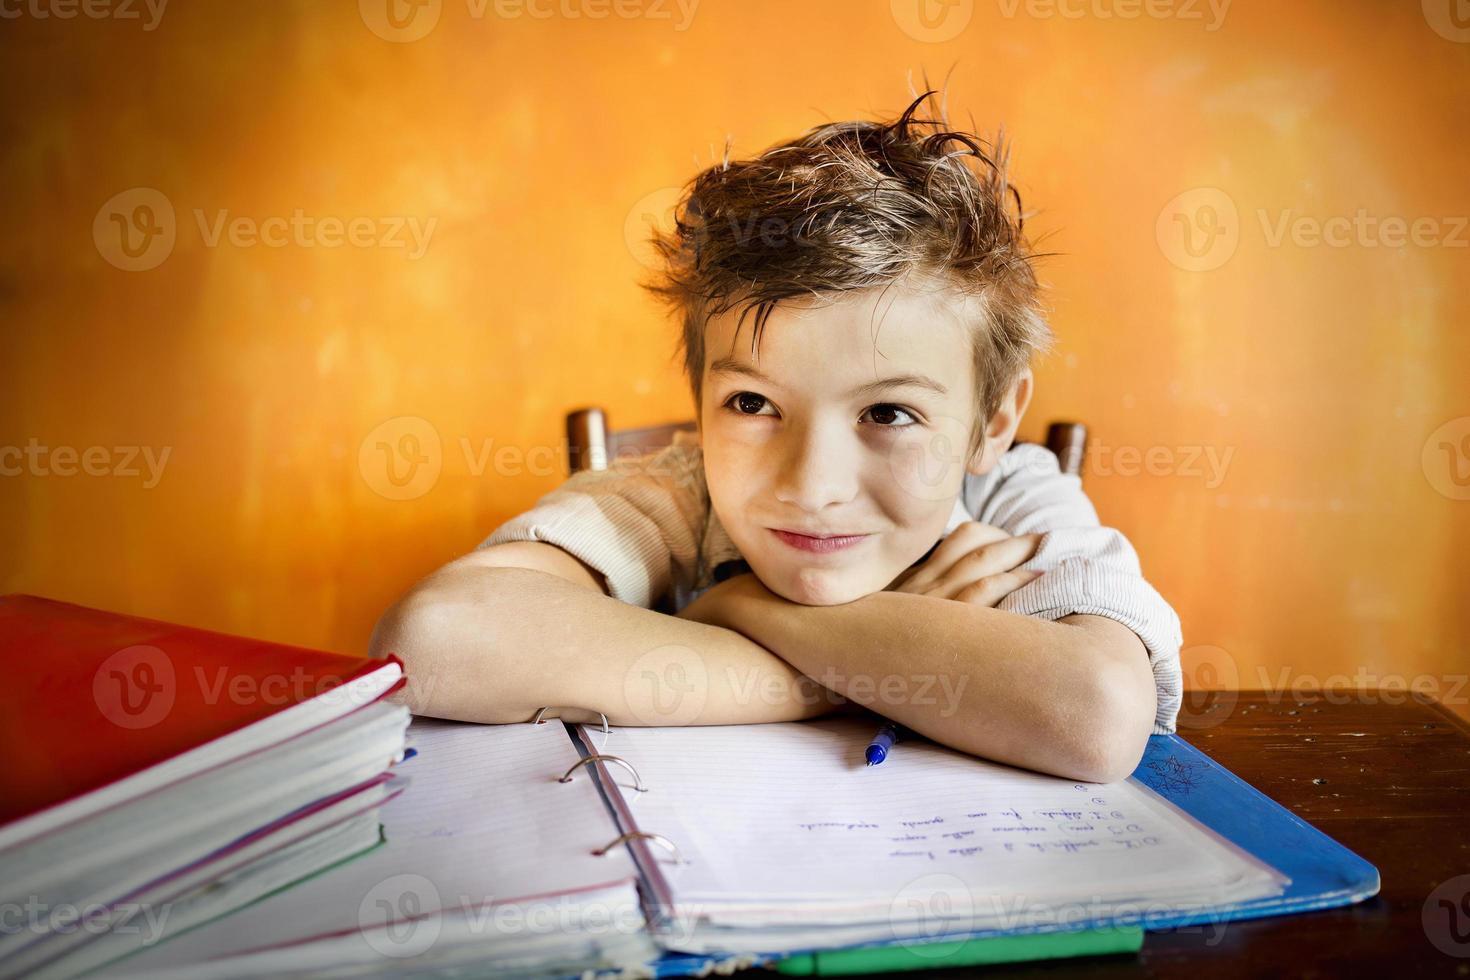 jovem, concentrando-se na lição de casa foto